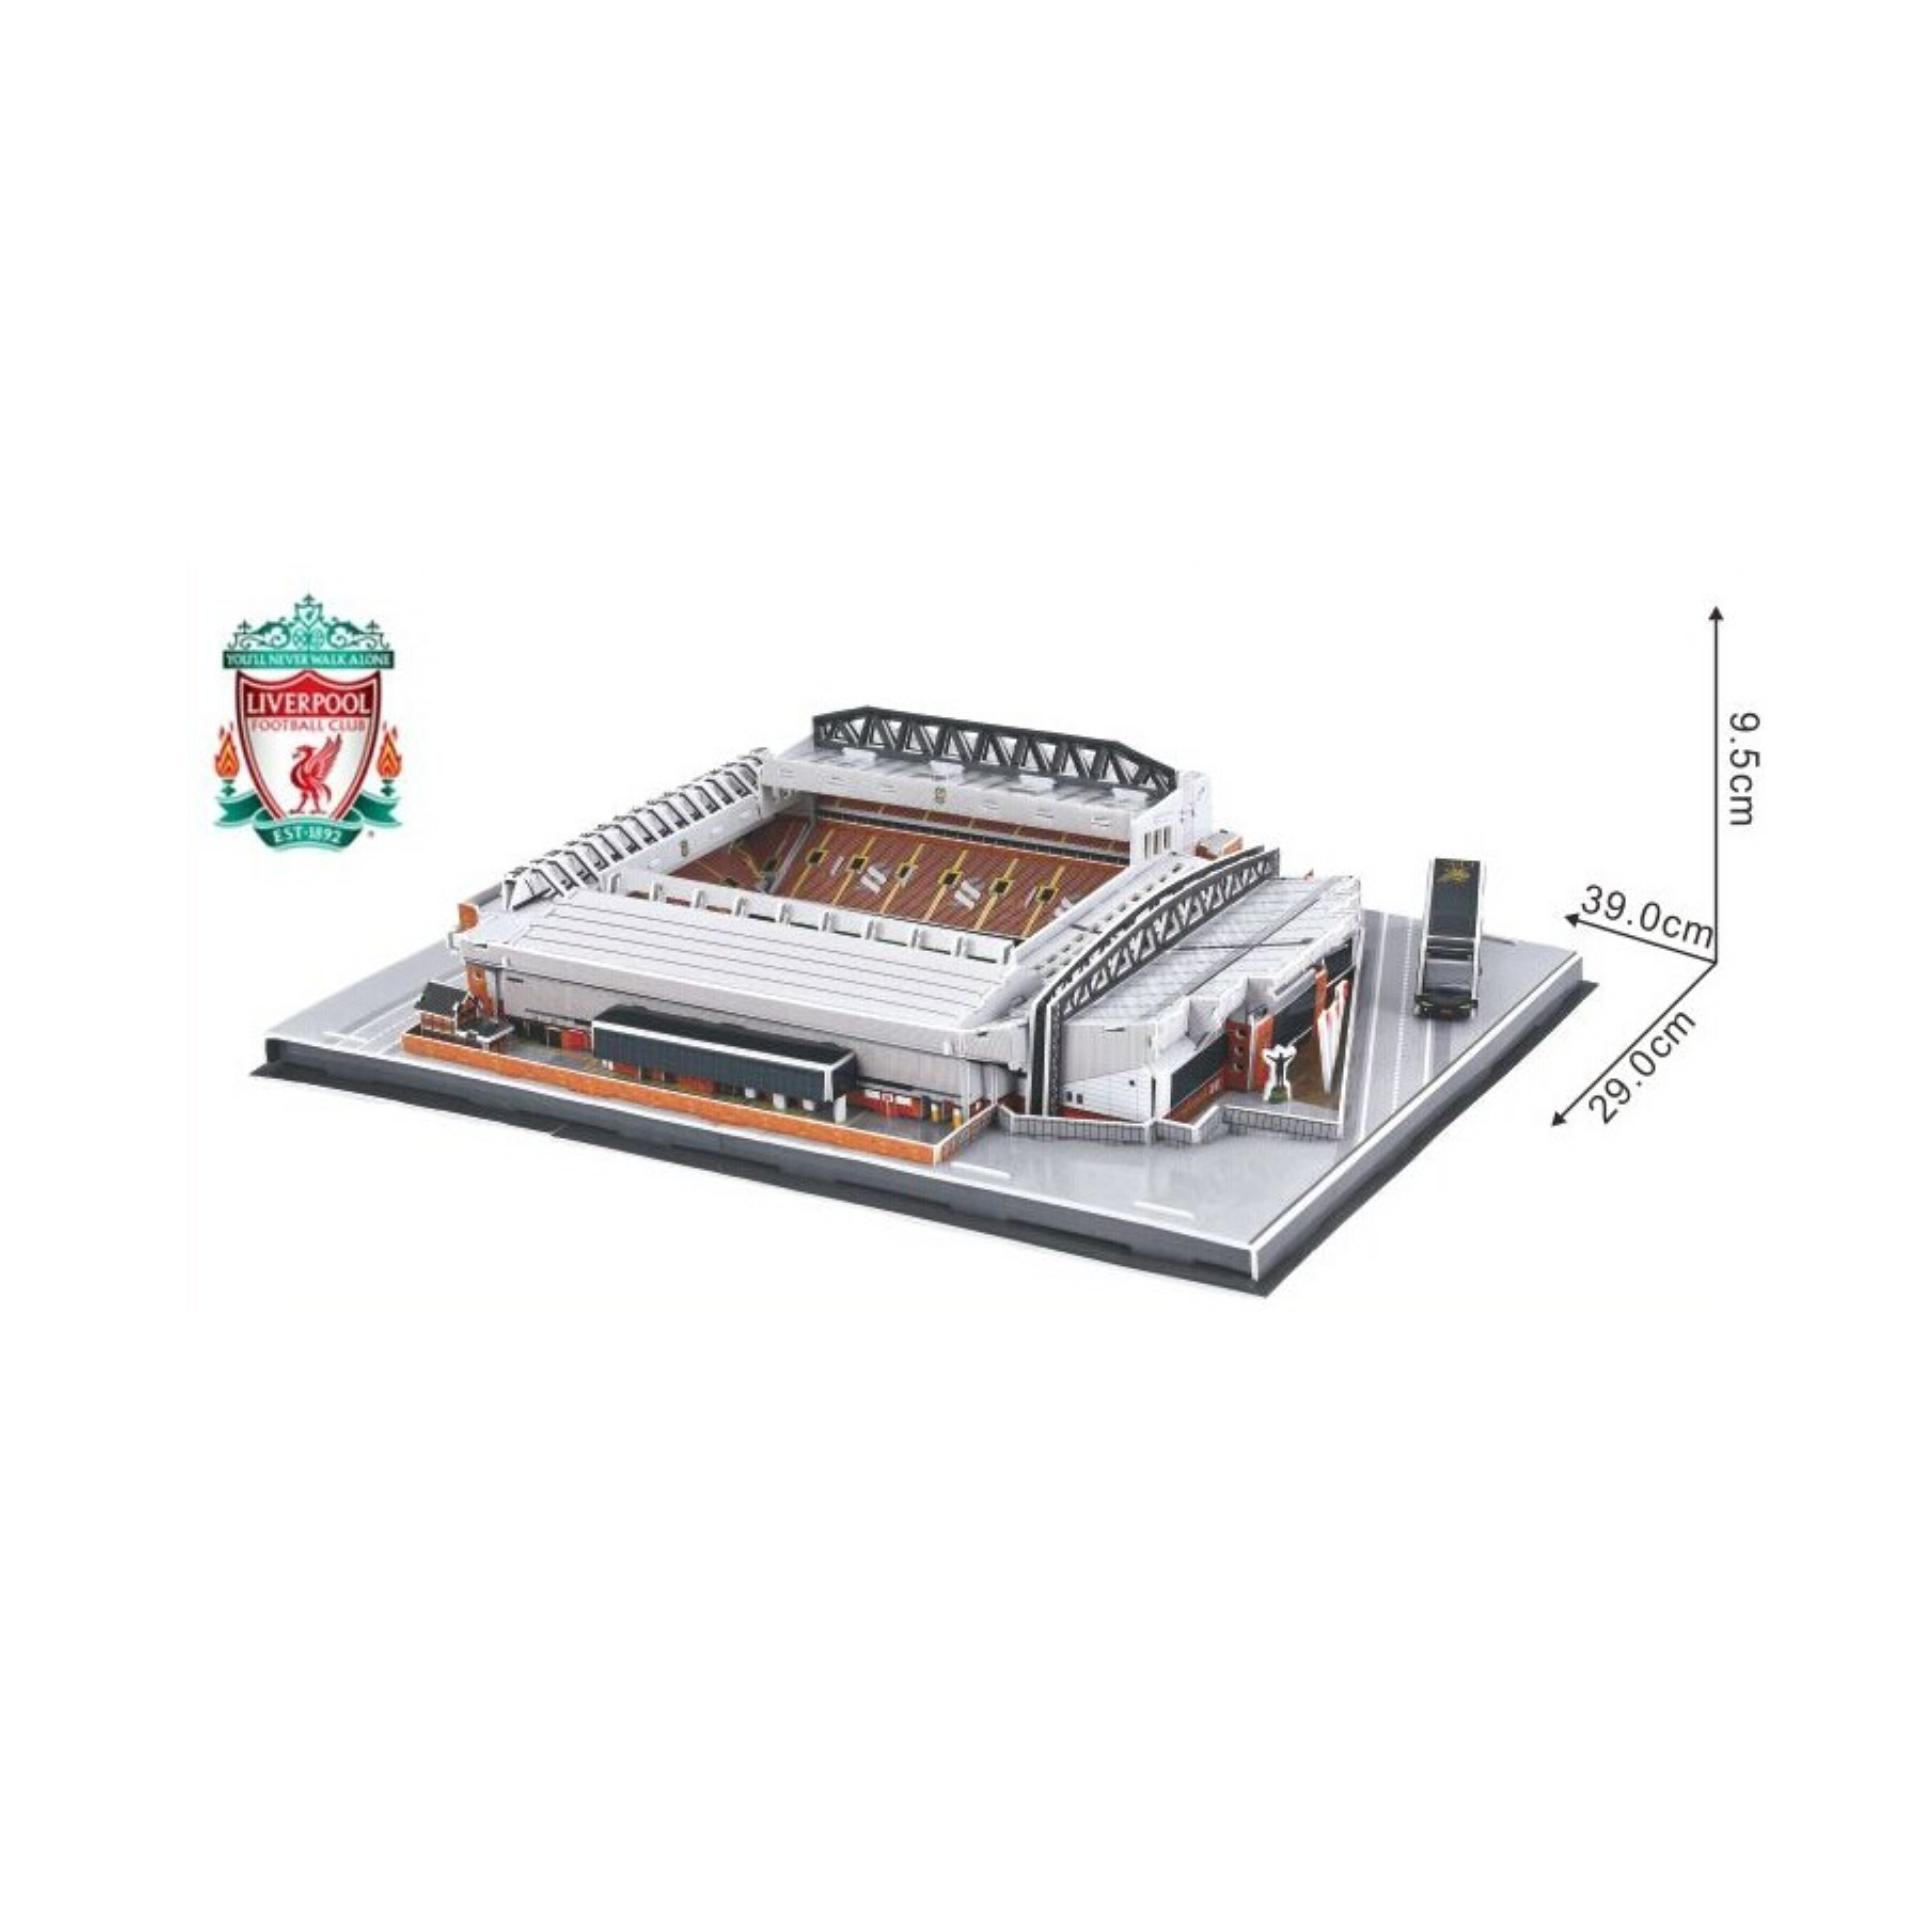 Mô Hình Sân Vận động Arsenal Liverpool MU Chelsea Real Barca Juve PSG Bất Ngờ Giảm Giá